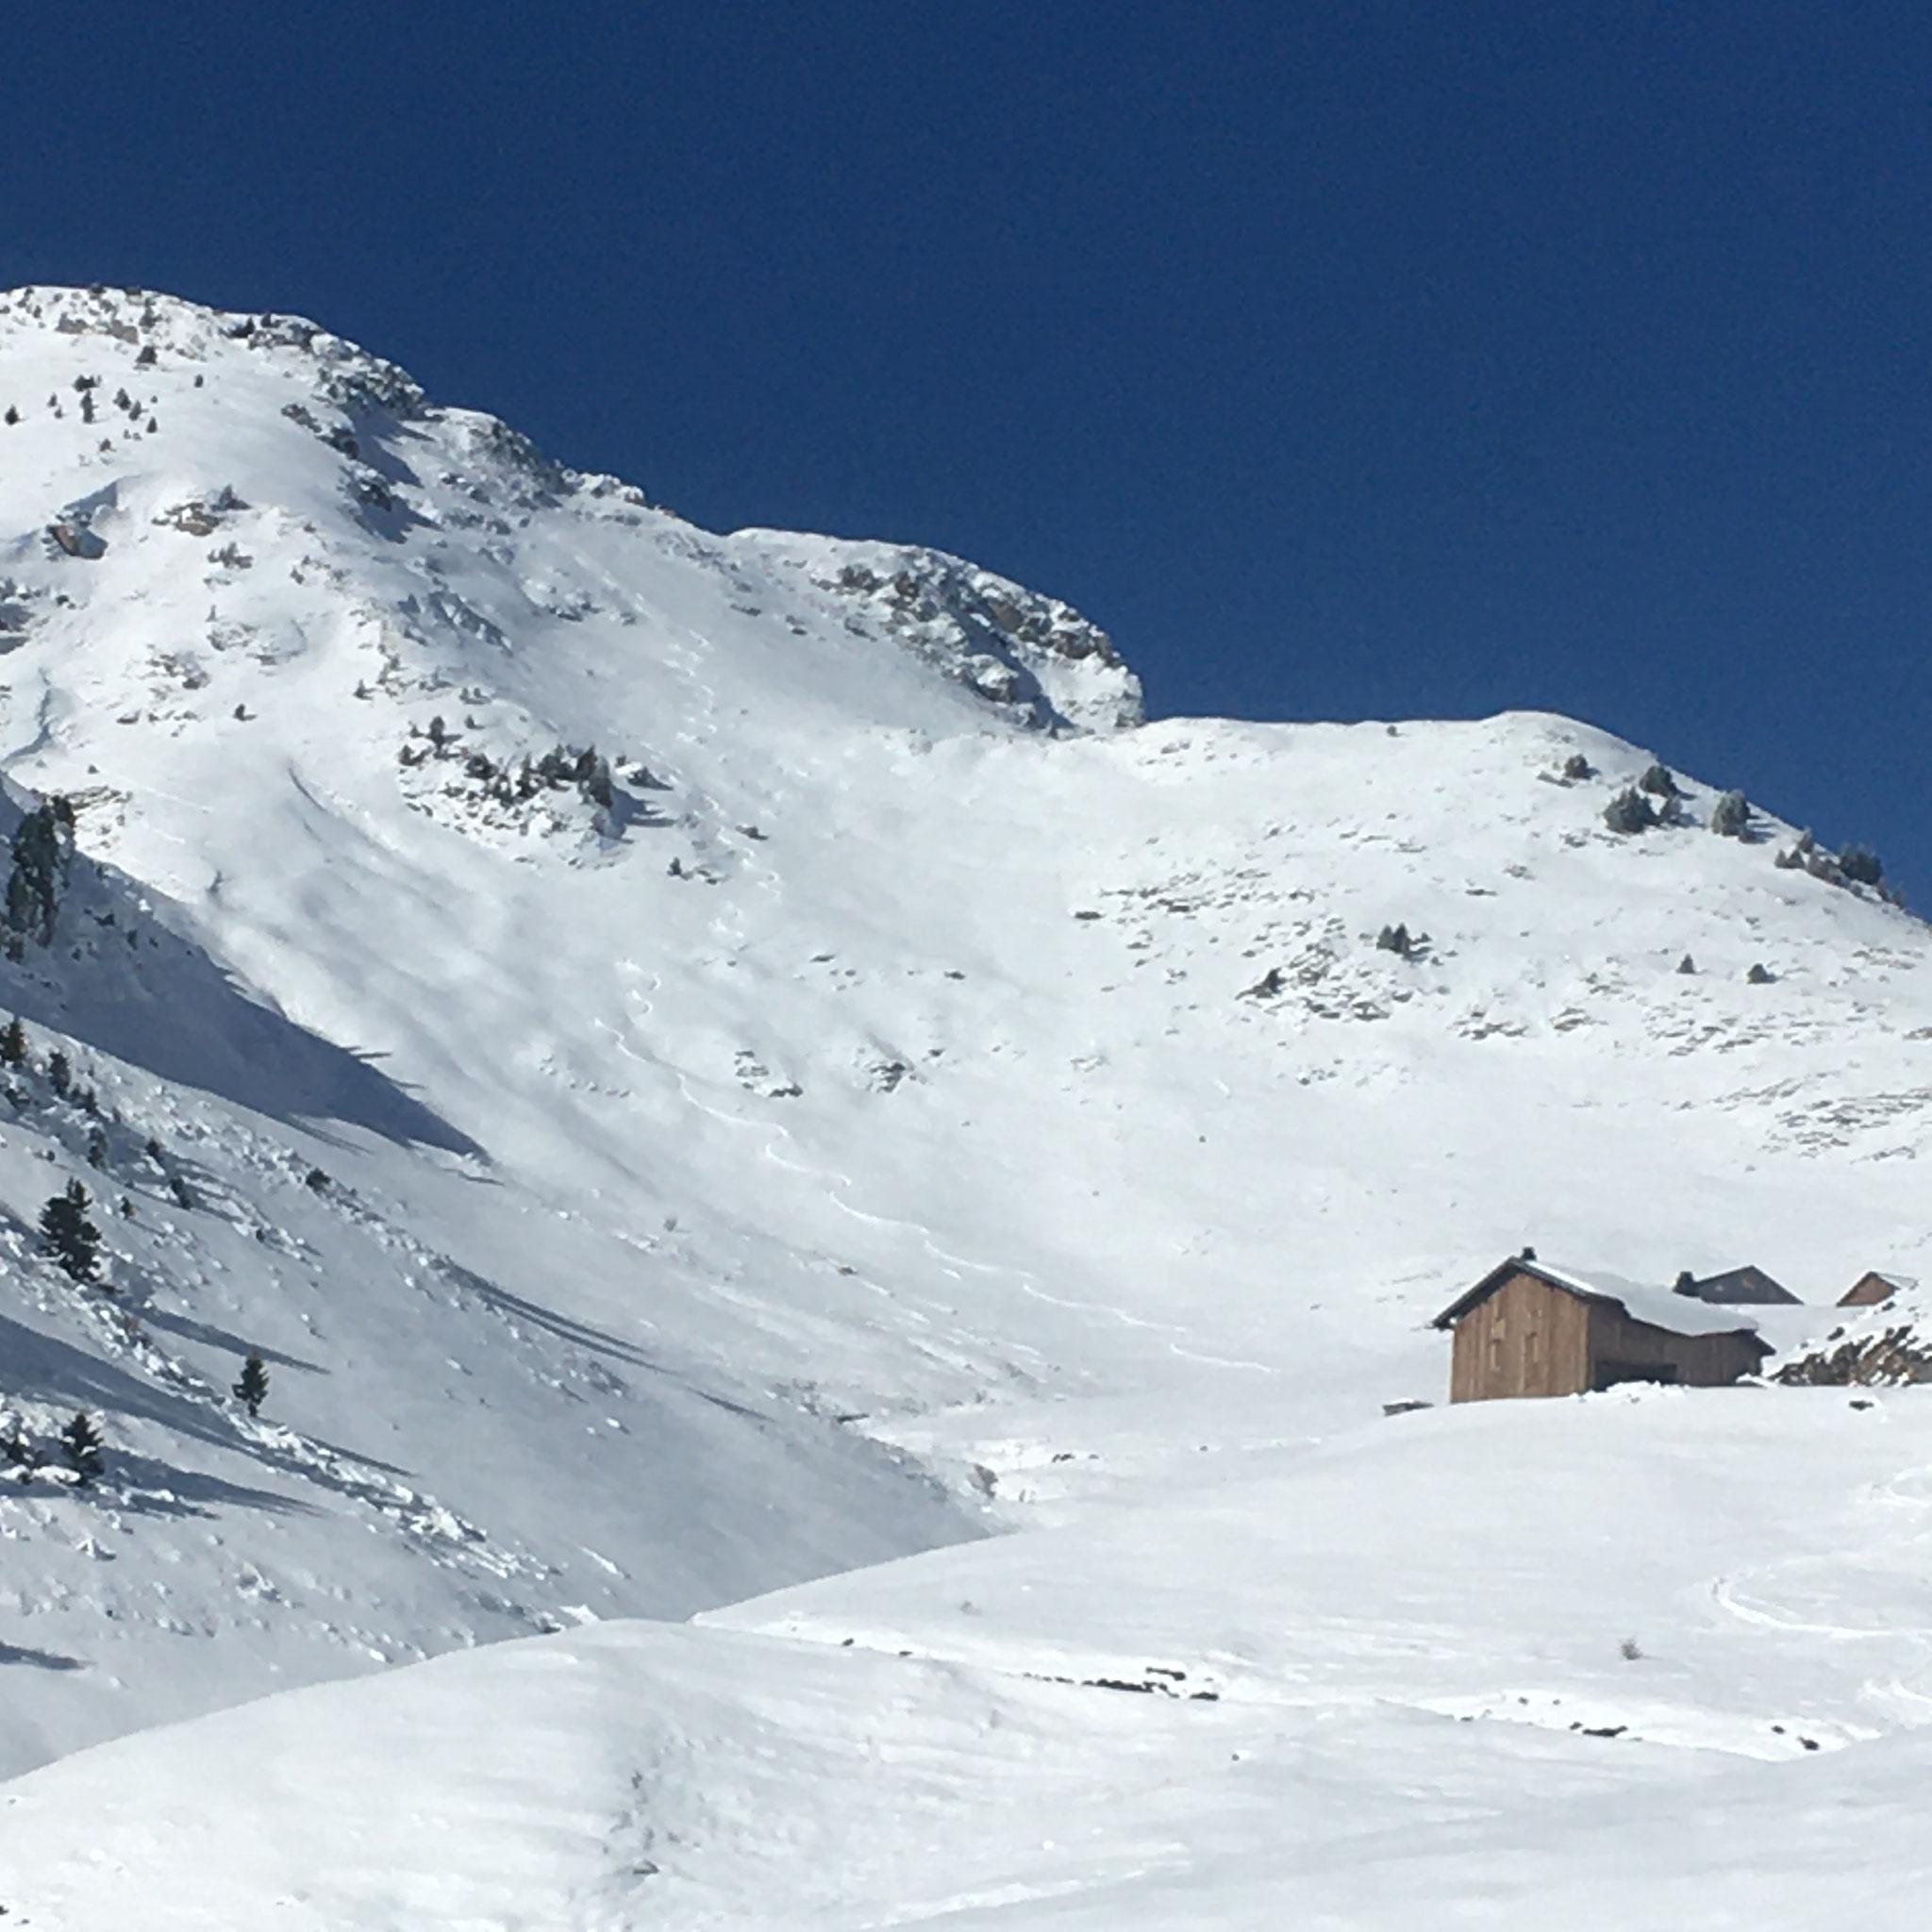 Bon et beau à skier, une belle trace... Quel plaisir !